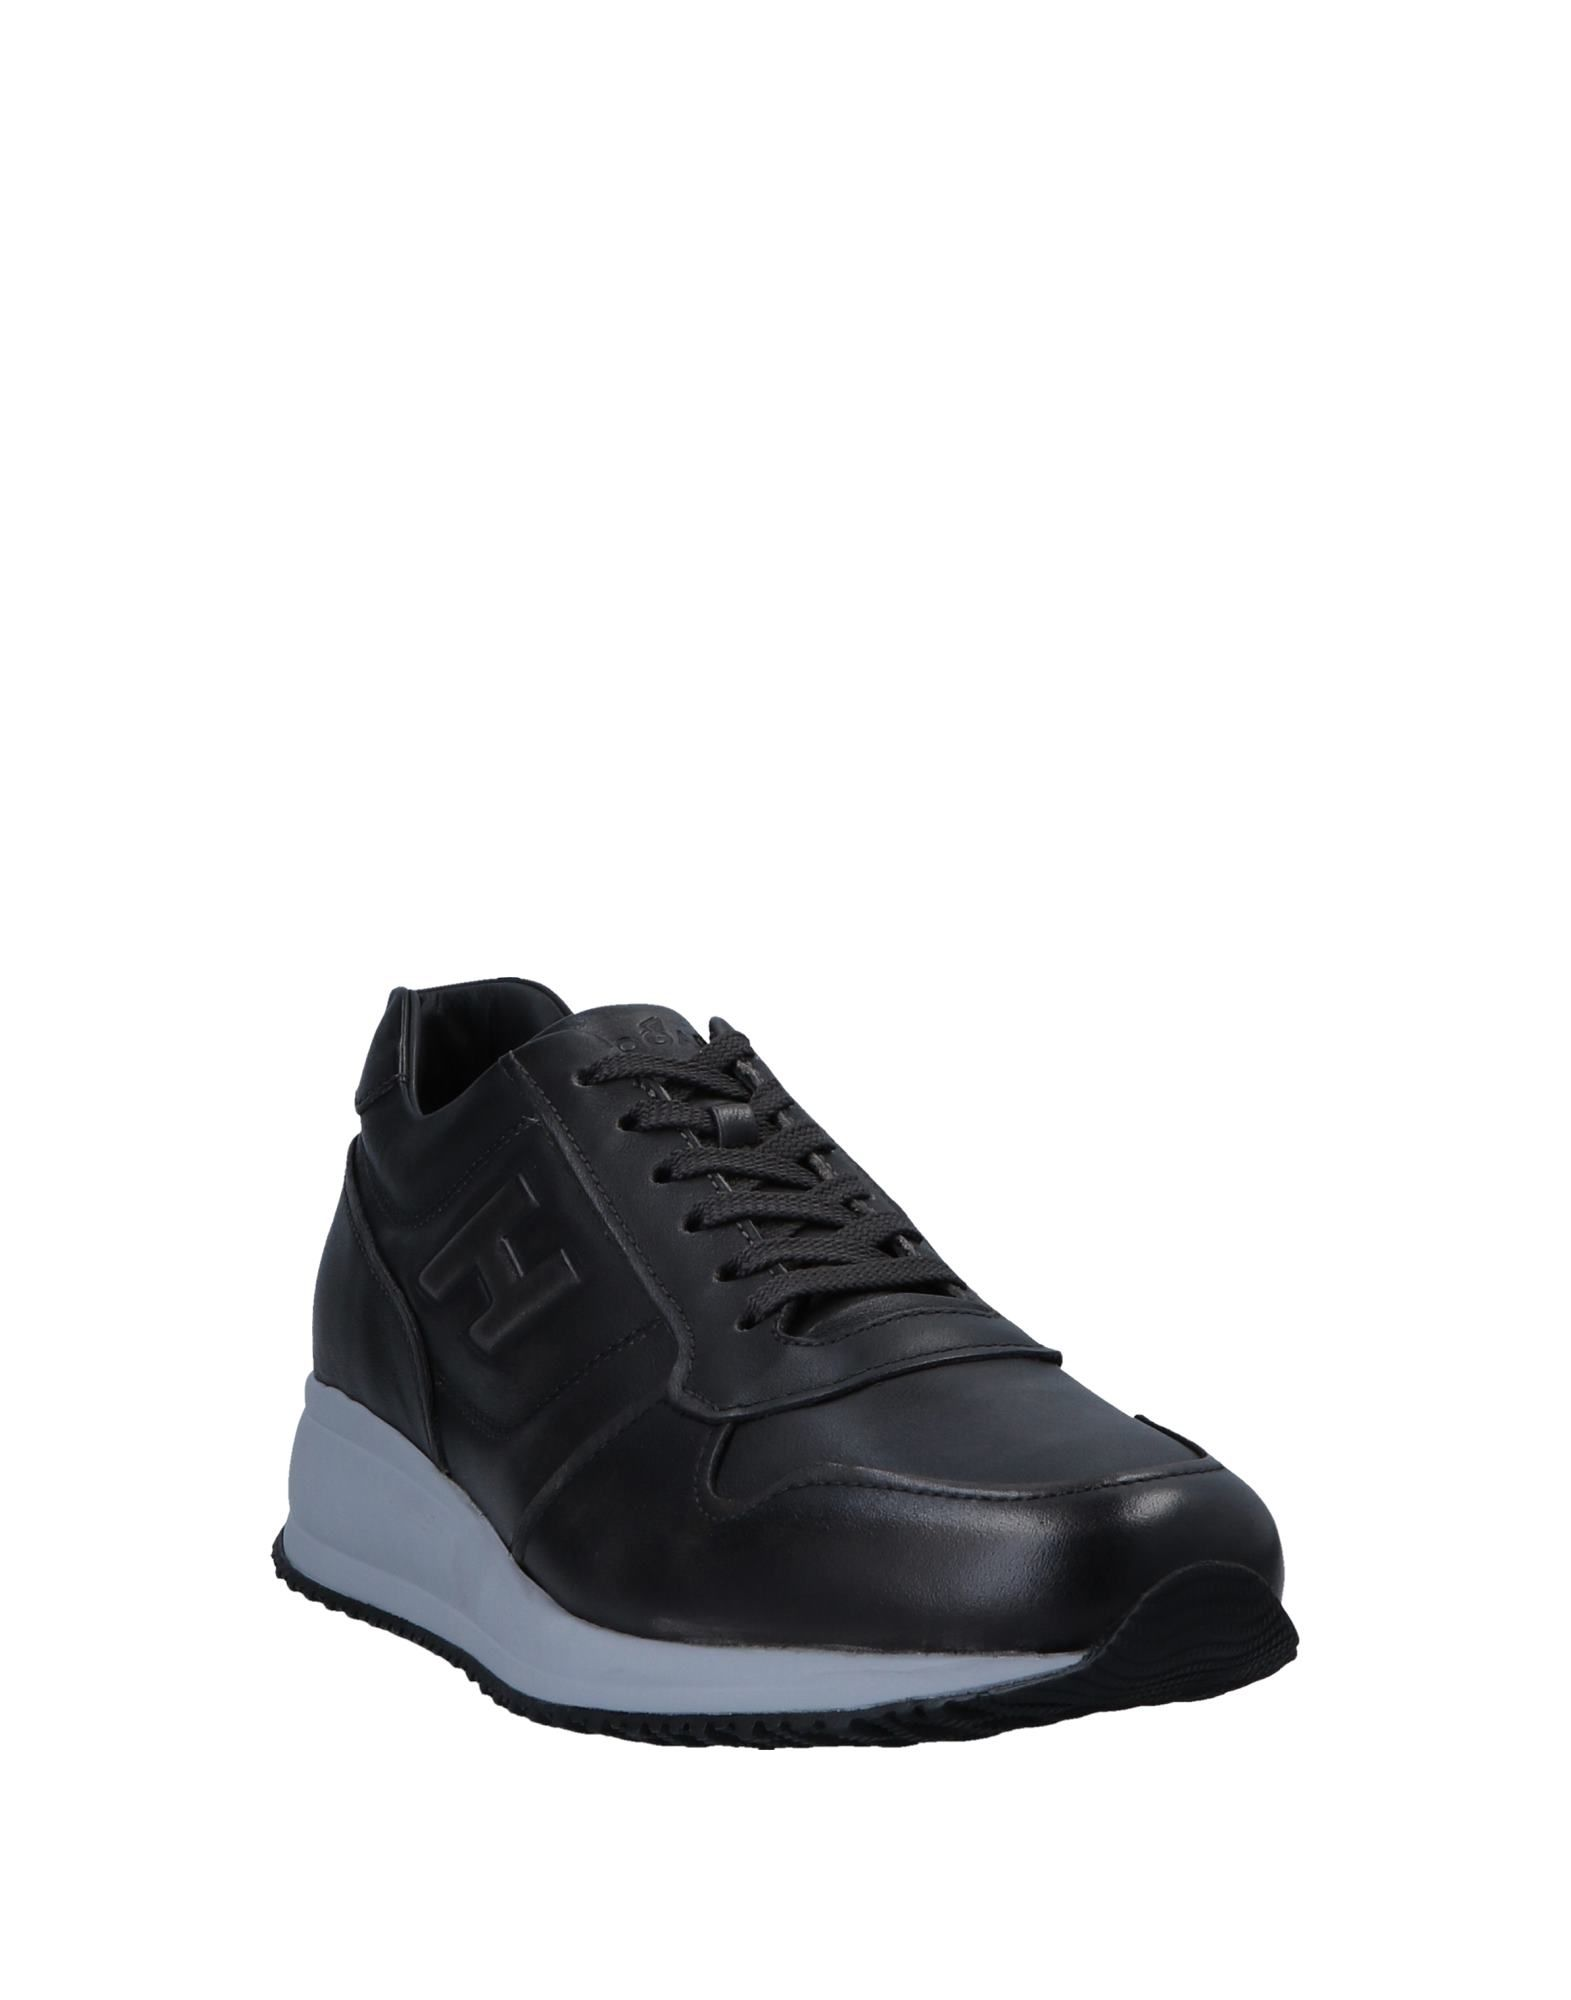 Hogan Sneakers Herren  11559617RF Gute Qualität beliebte beliebte beliebte Schuhe 462d00